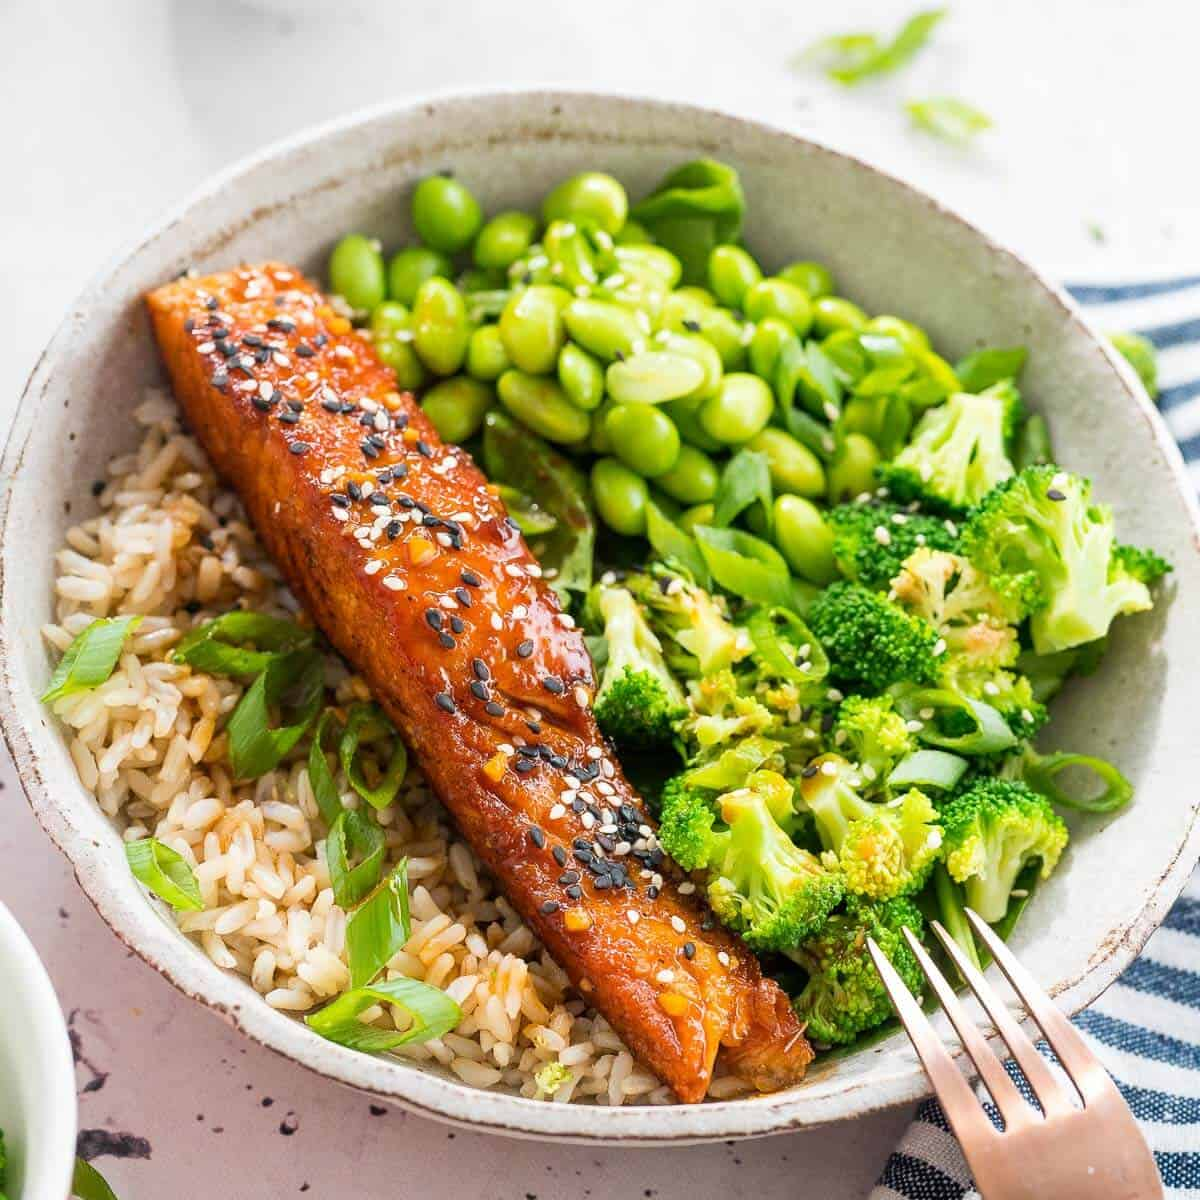 teriyaki salmon bowl with greens and rice